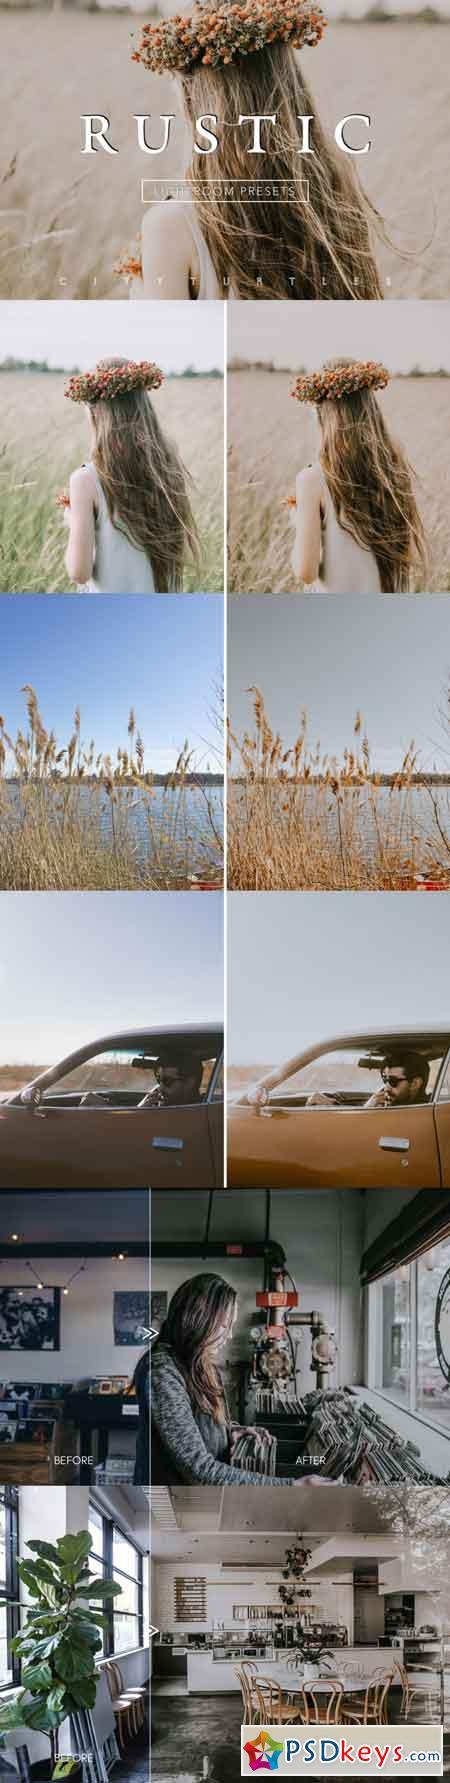 Desktop & Mobile Subtle Film RUSTIC Lightroom Presets Collection 3518985